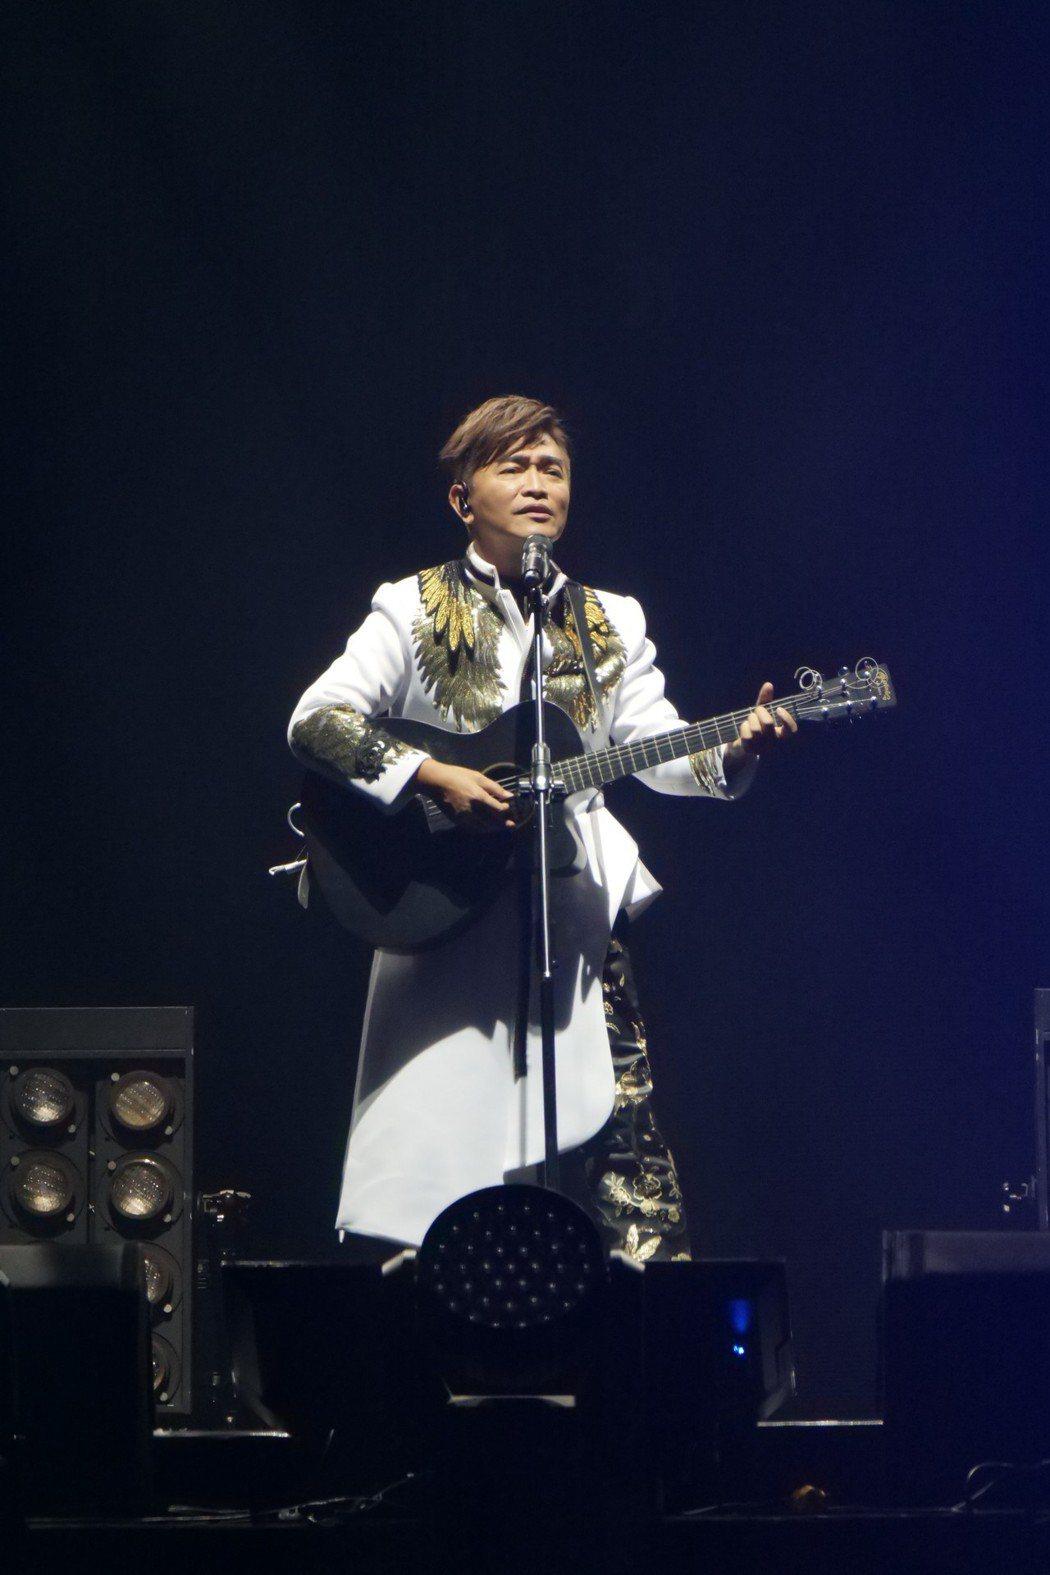 吳宗憲將於5月18日唱進高雄巨蛋。圖/華貴娛樂提供